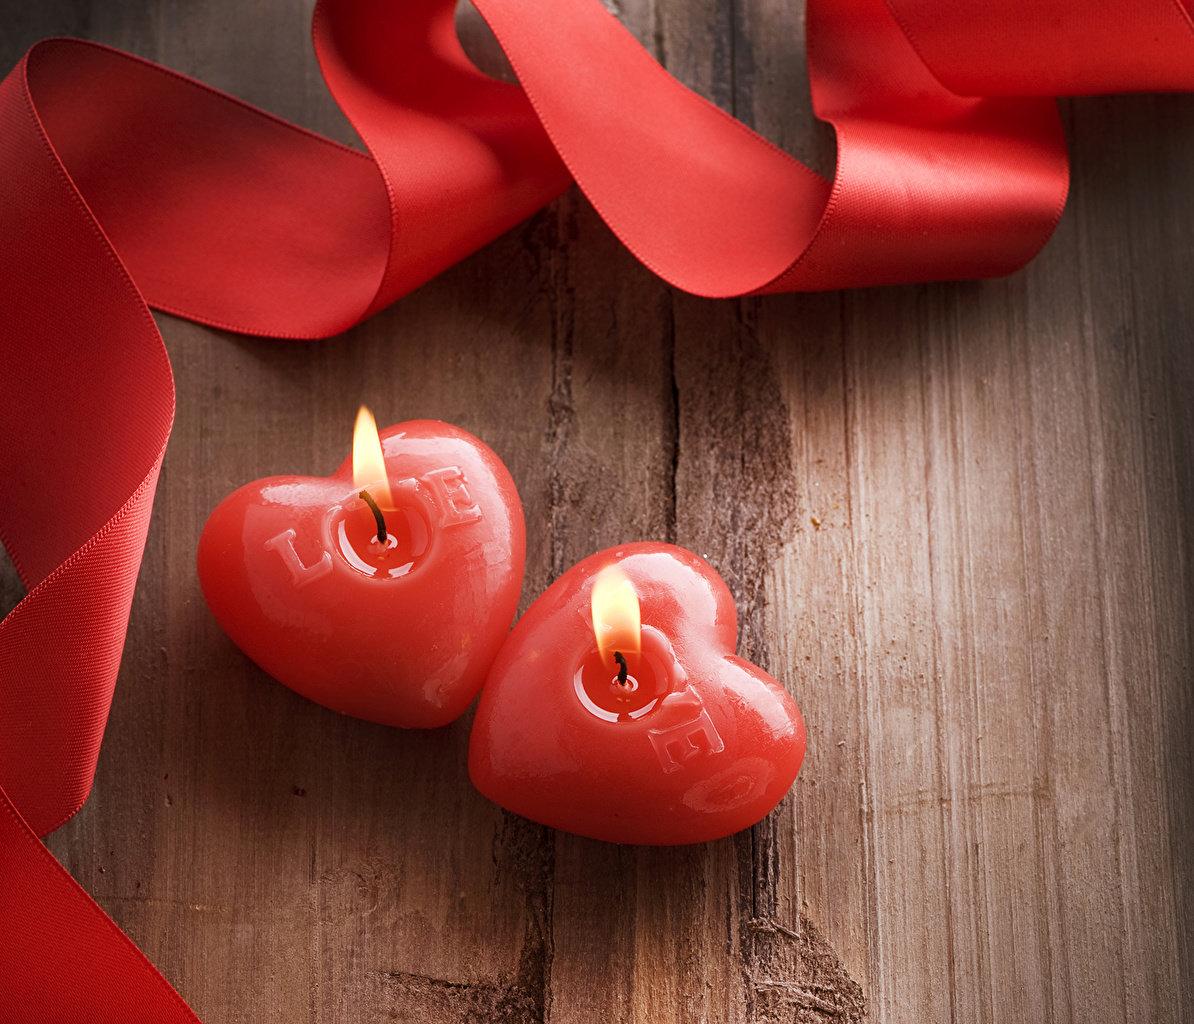 Днем, картинка с 2 сердцами